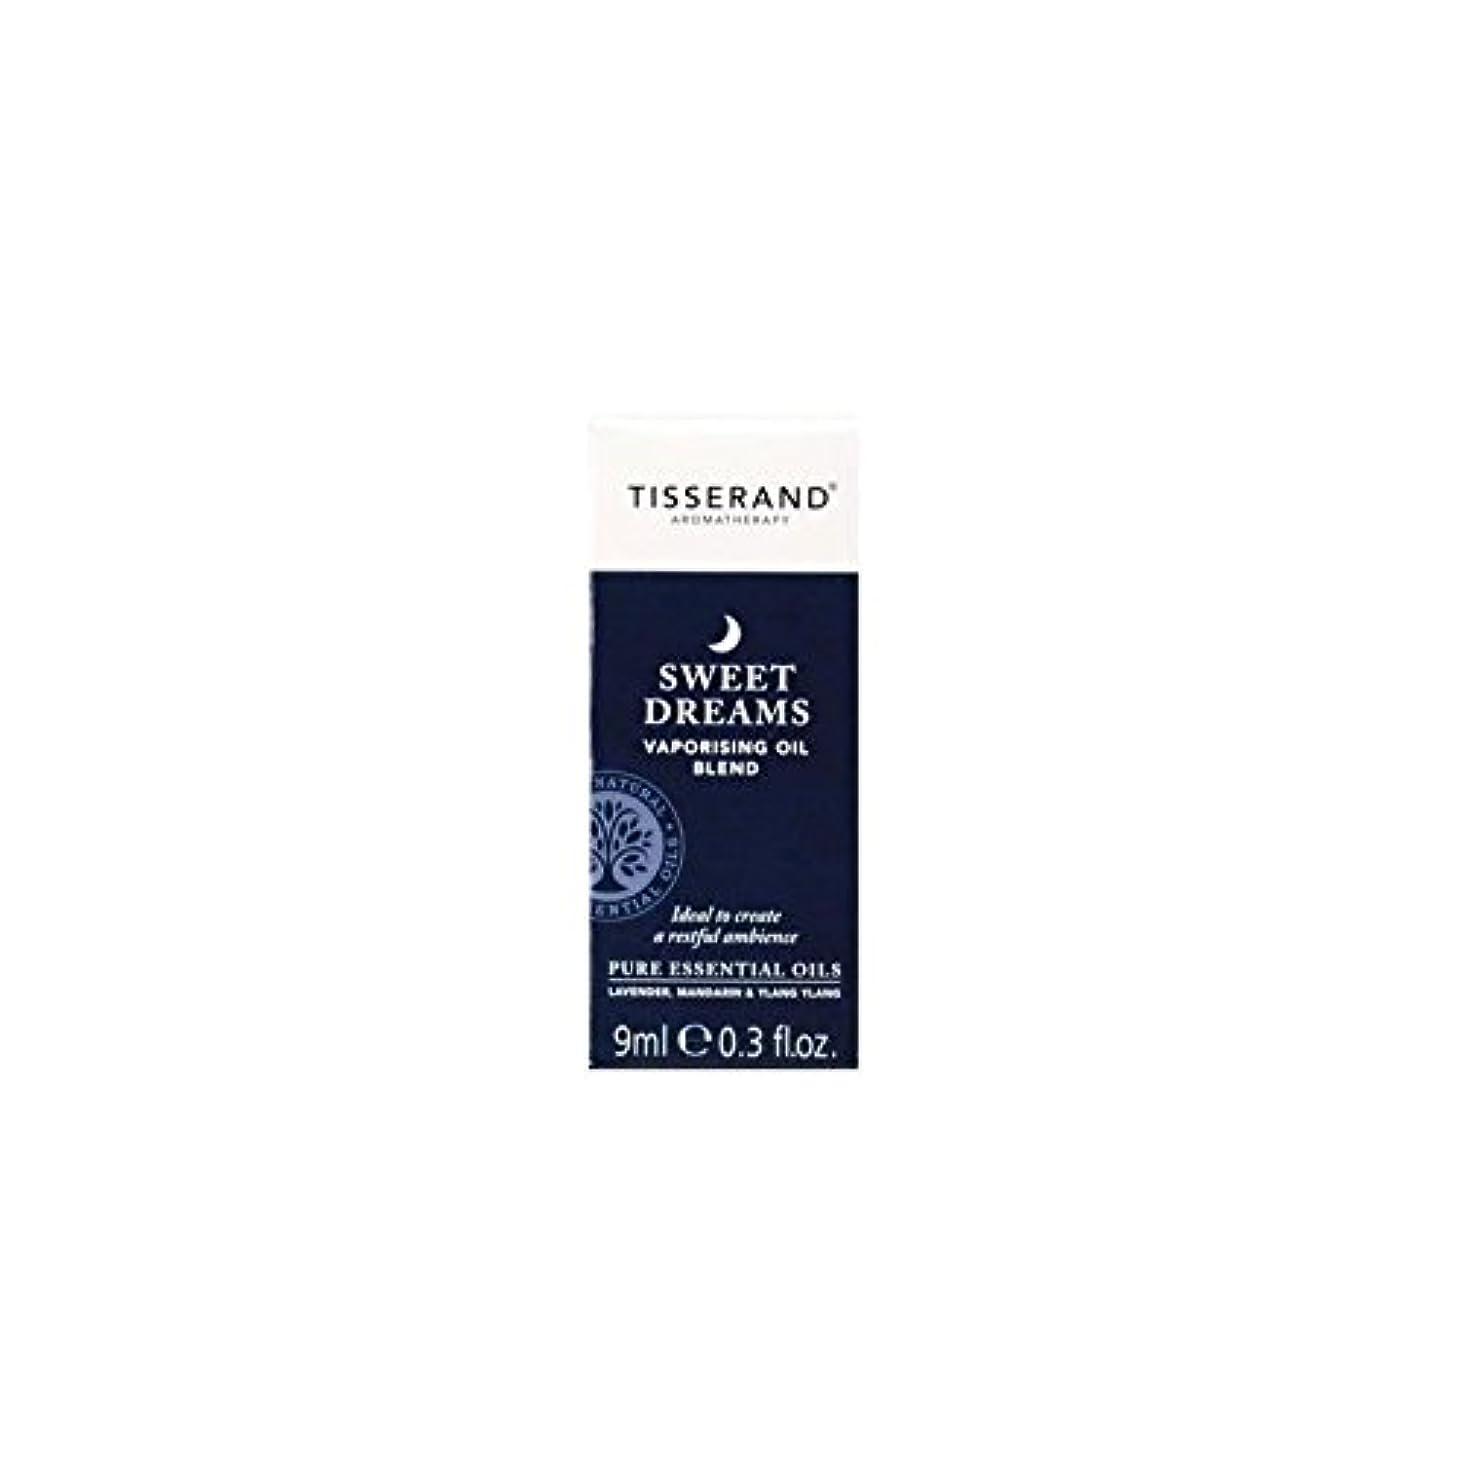 押すエイリアンブレースオイル9ミリリットルを気化甘い夢 (Tisserand) (x 6) - Tisserand Sweet Dreams Vaporising Oil 9ml (Pack of 6) [並行輸入品]